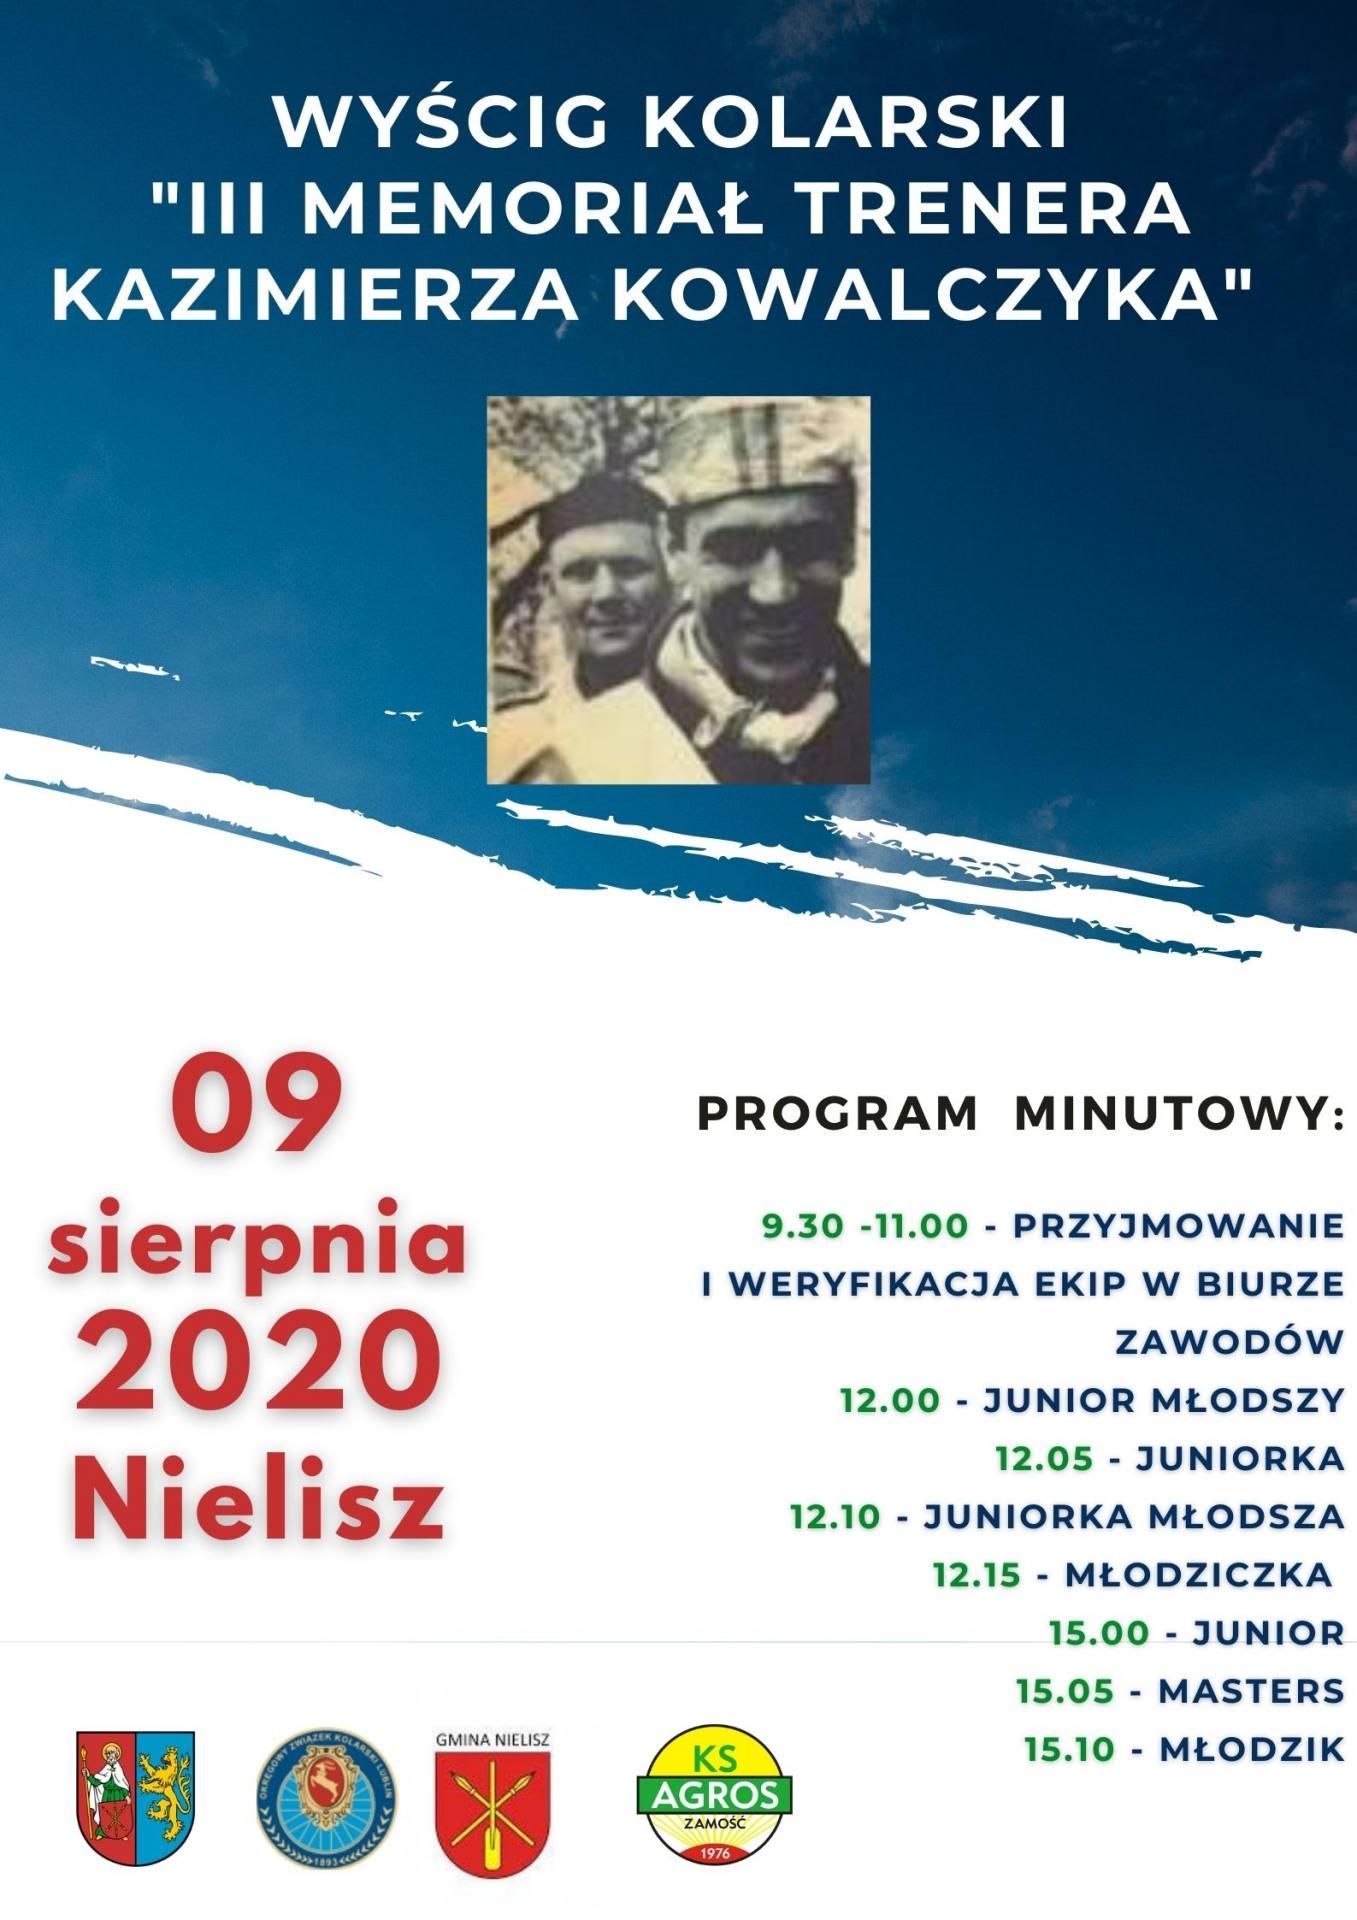 iii memorial trenerakazimierza kowalczyka 9 9 sierpnia 2020r nielisz Zbliżasię wyścig kolarski - będą utrudnienia na drogach naszego regionu!